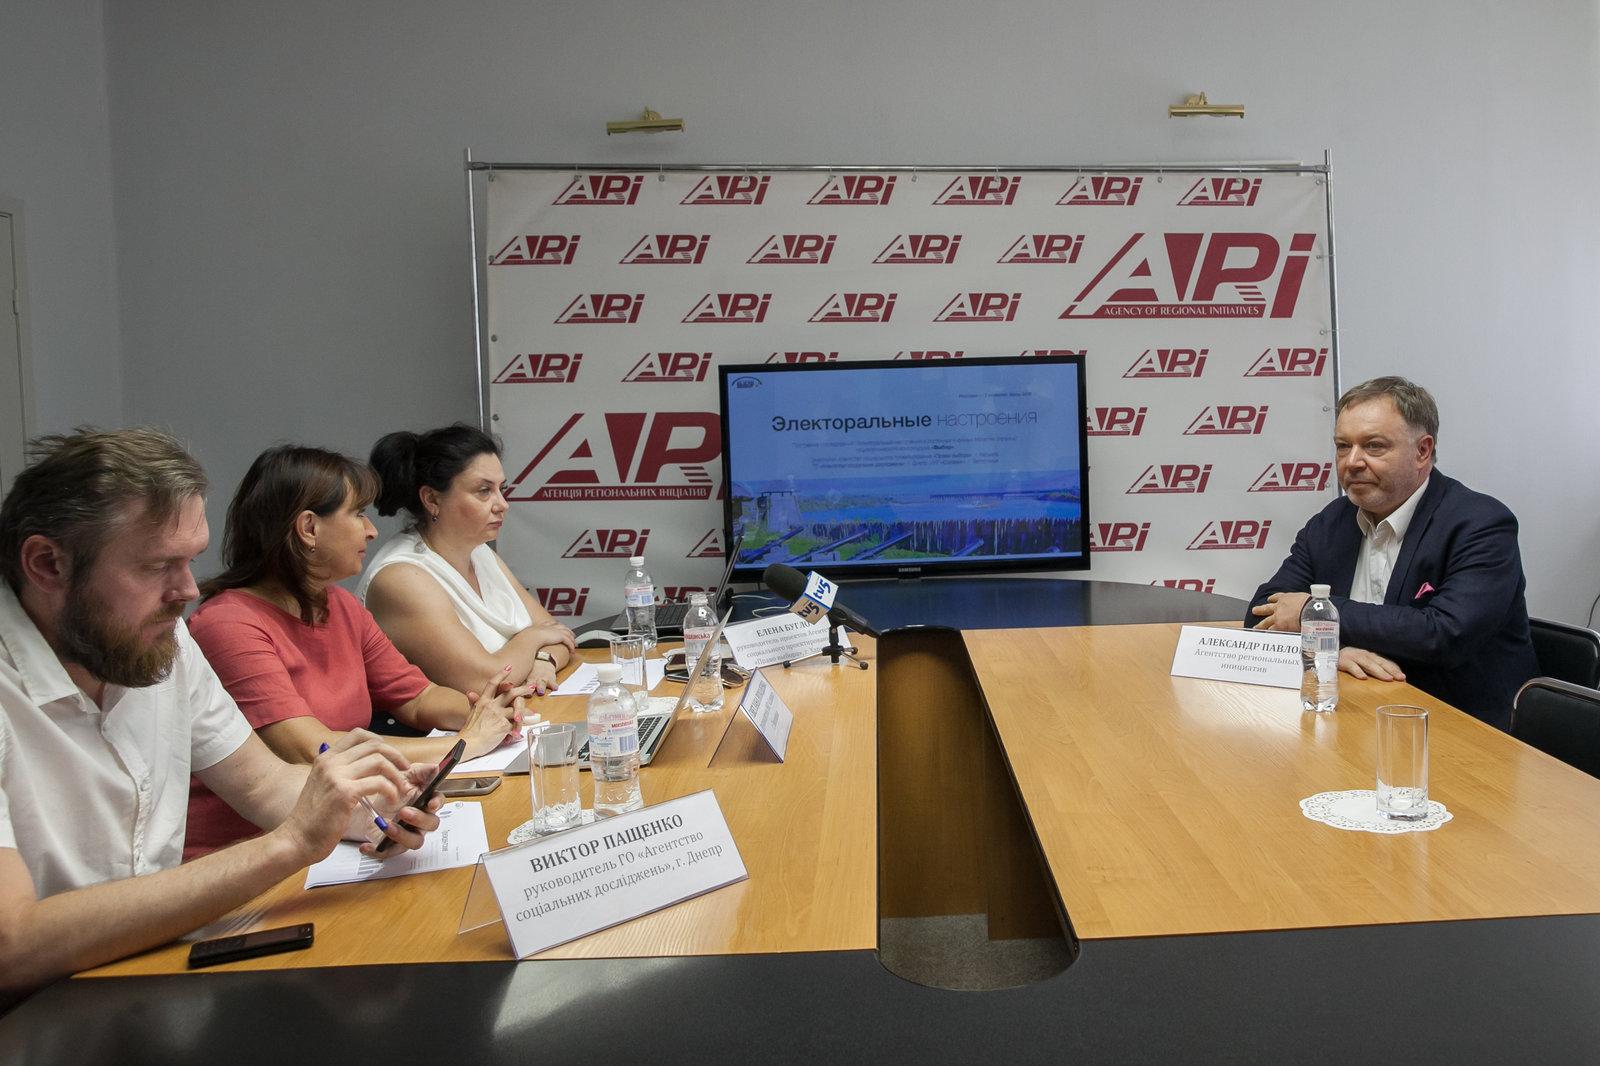 Жители Юго-Восточного региона рассказали о политических предпочтения